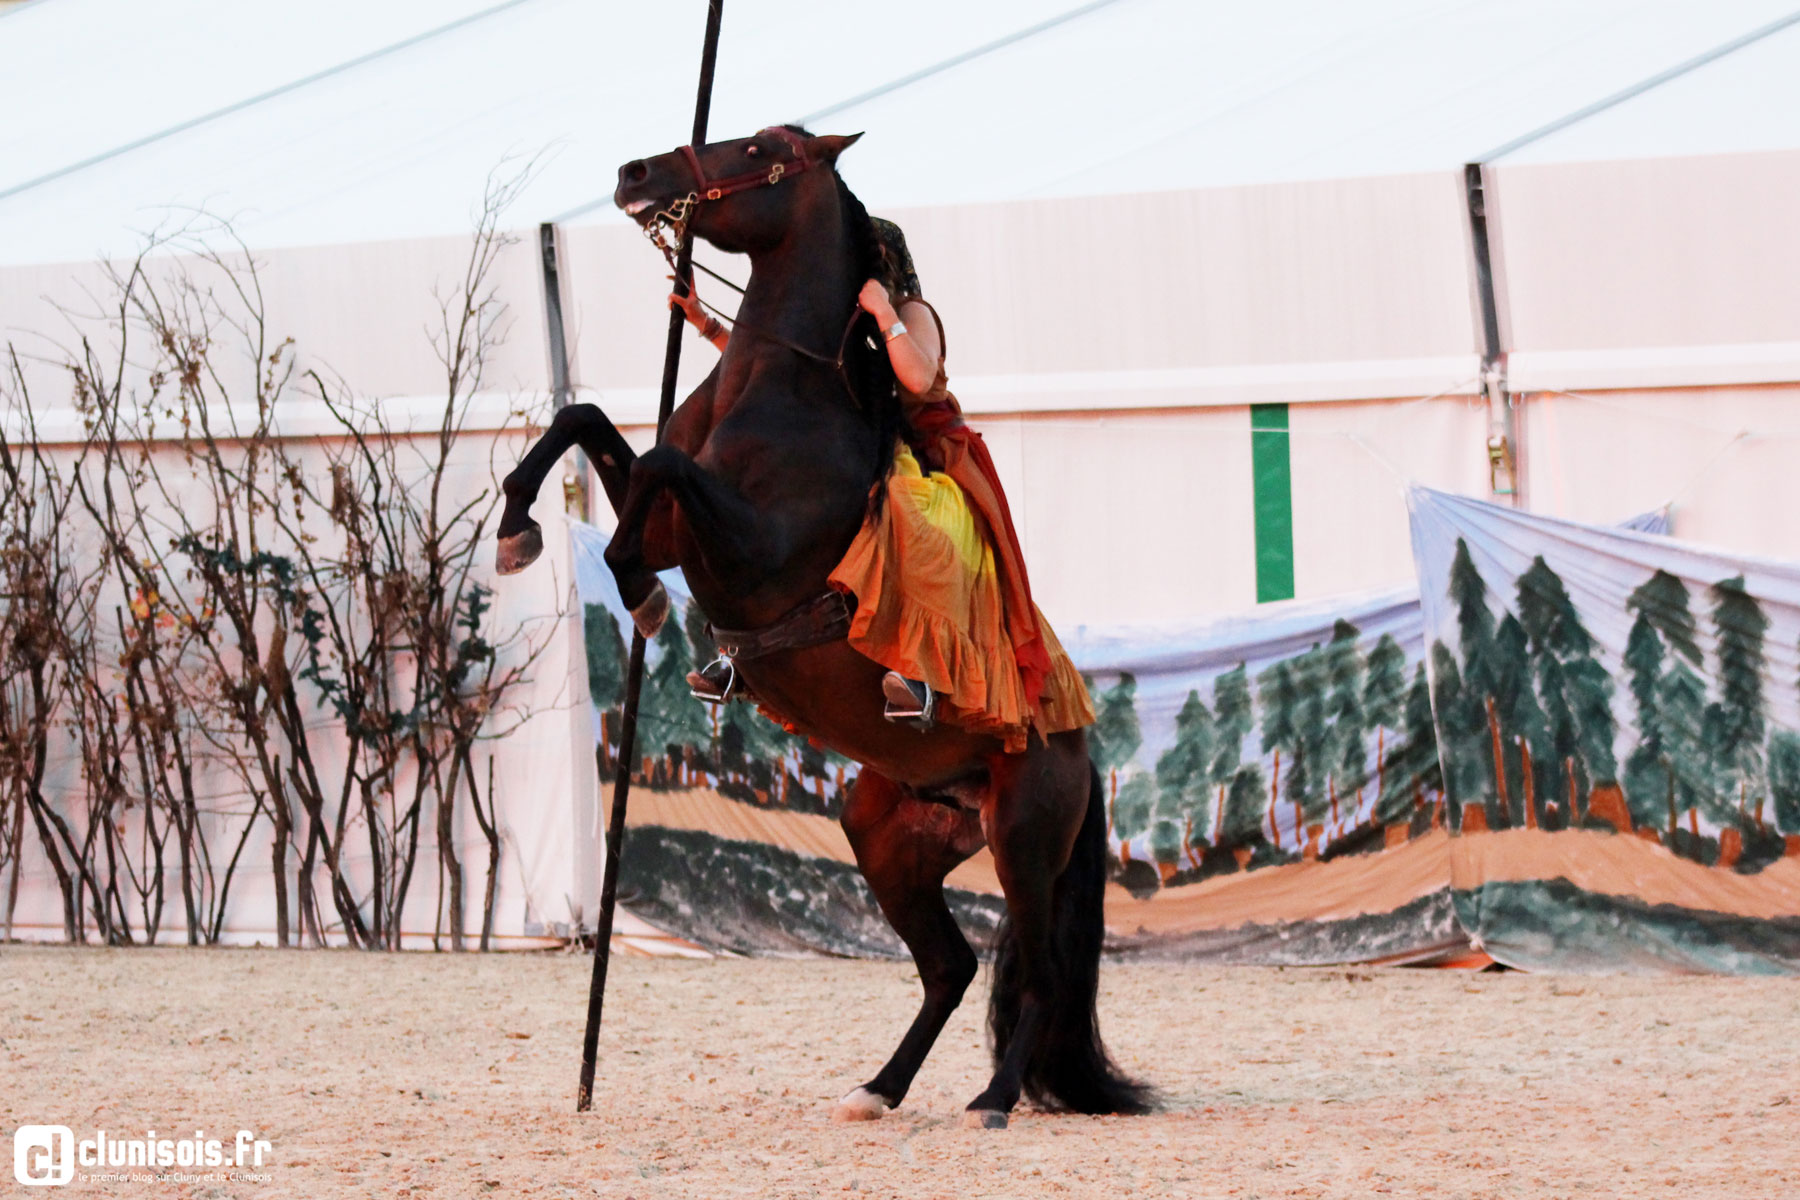 cabaret-equestre-haras-cluny-ete-2016-11